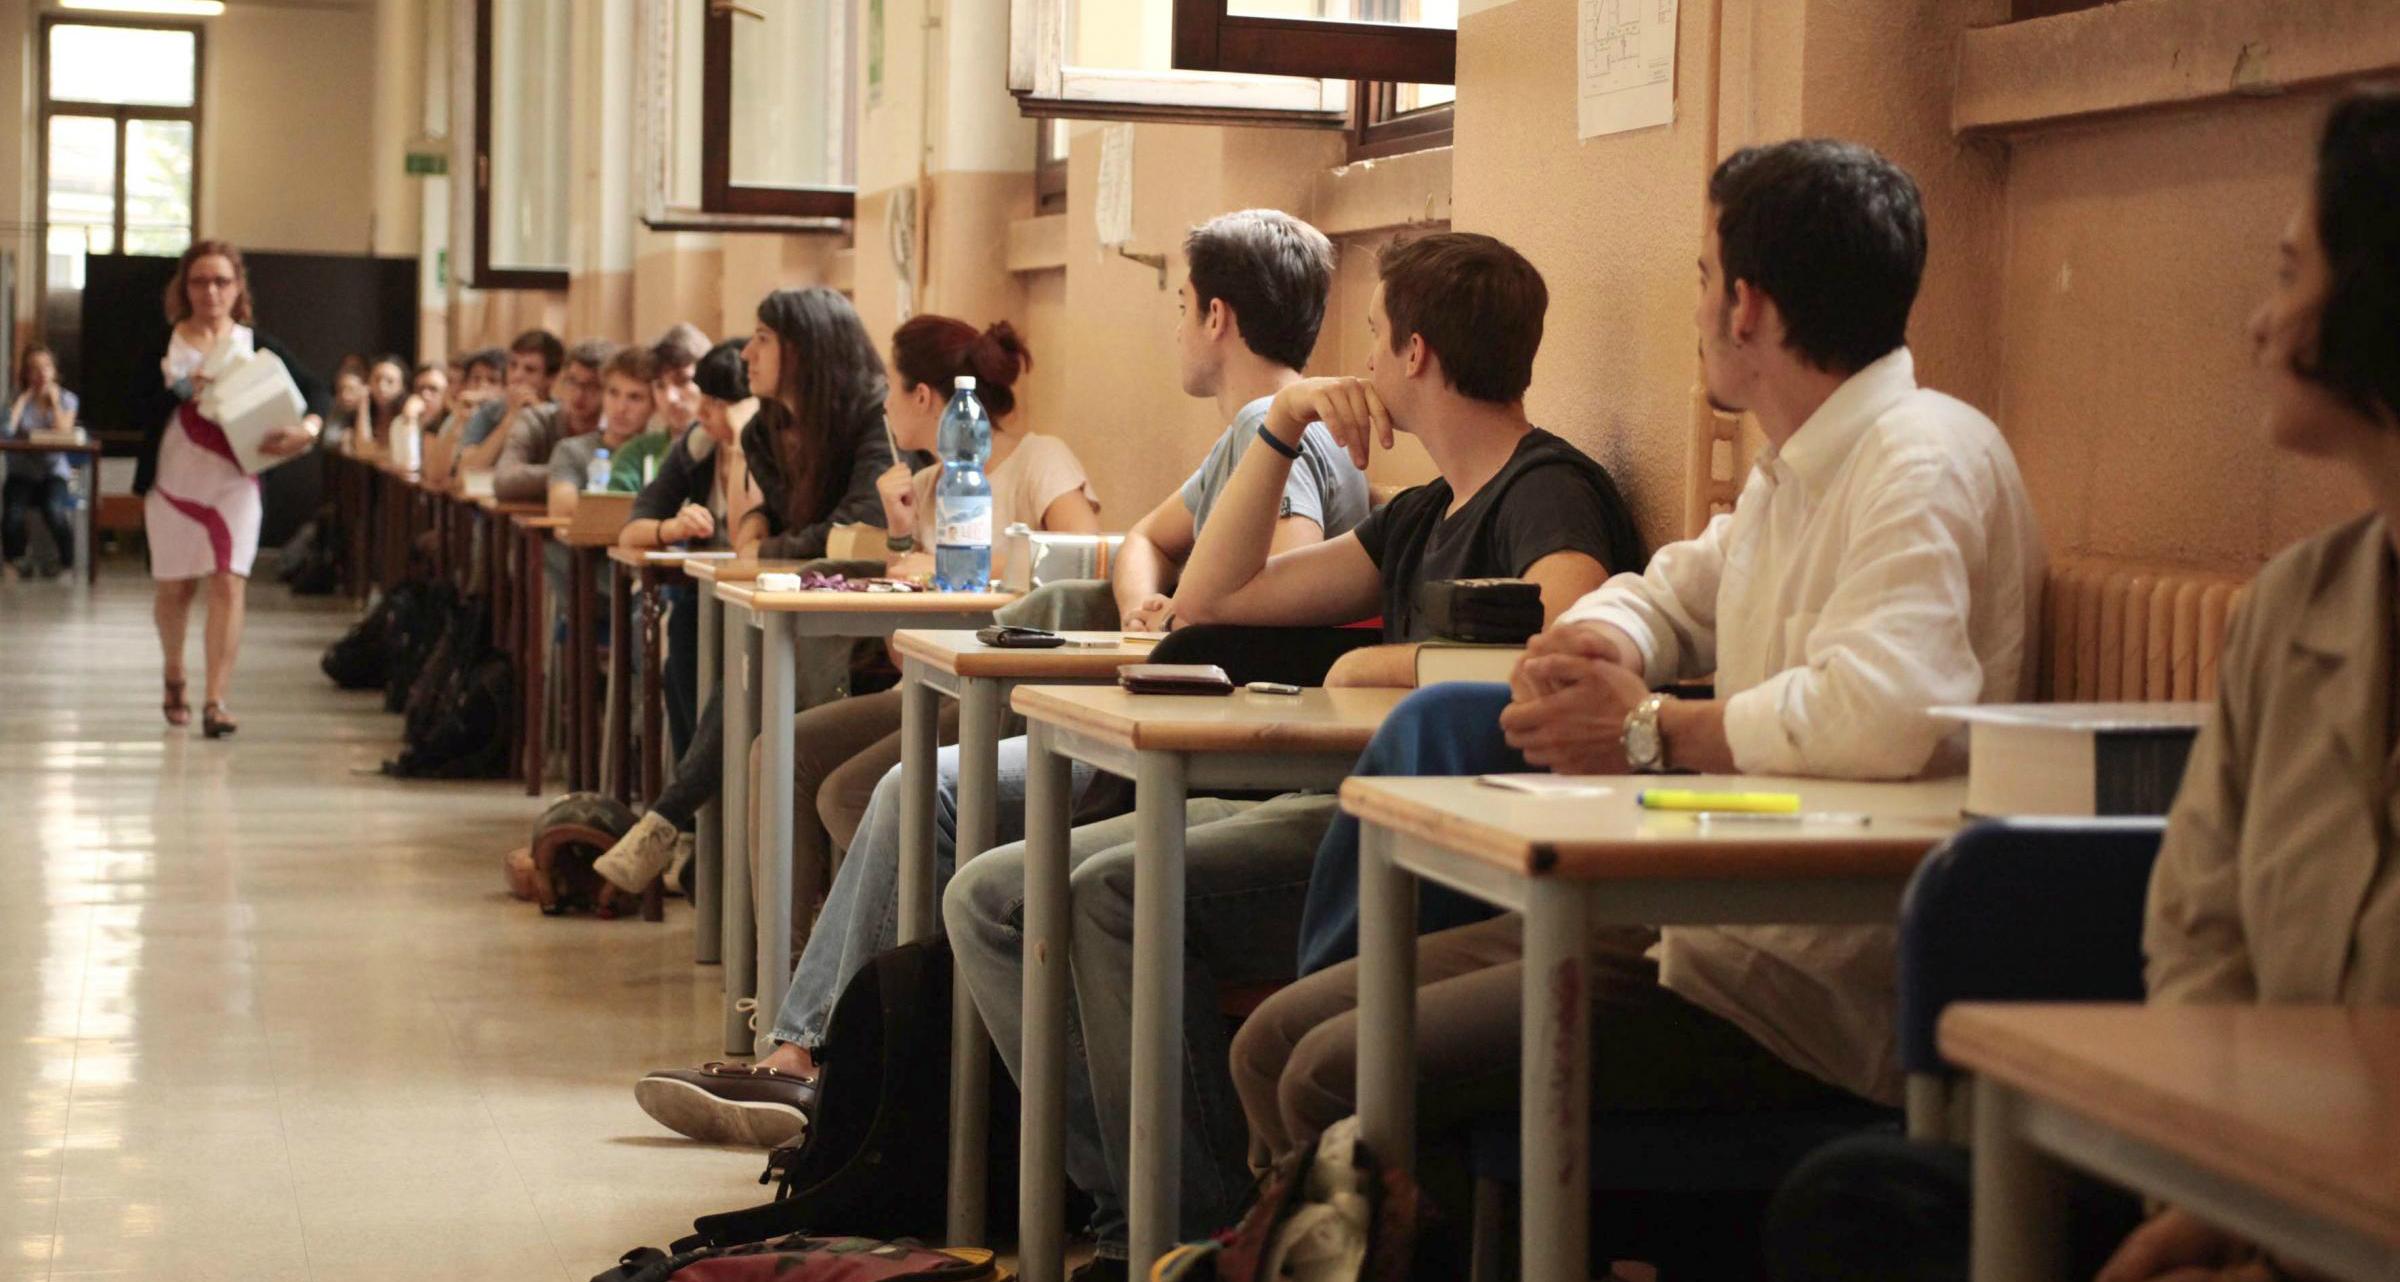 Notte prima degli Esami: gli Italiani e la Maturità, sogno ricorrente e grandi Emozioni